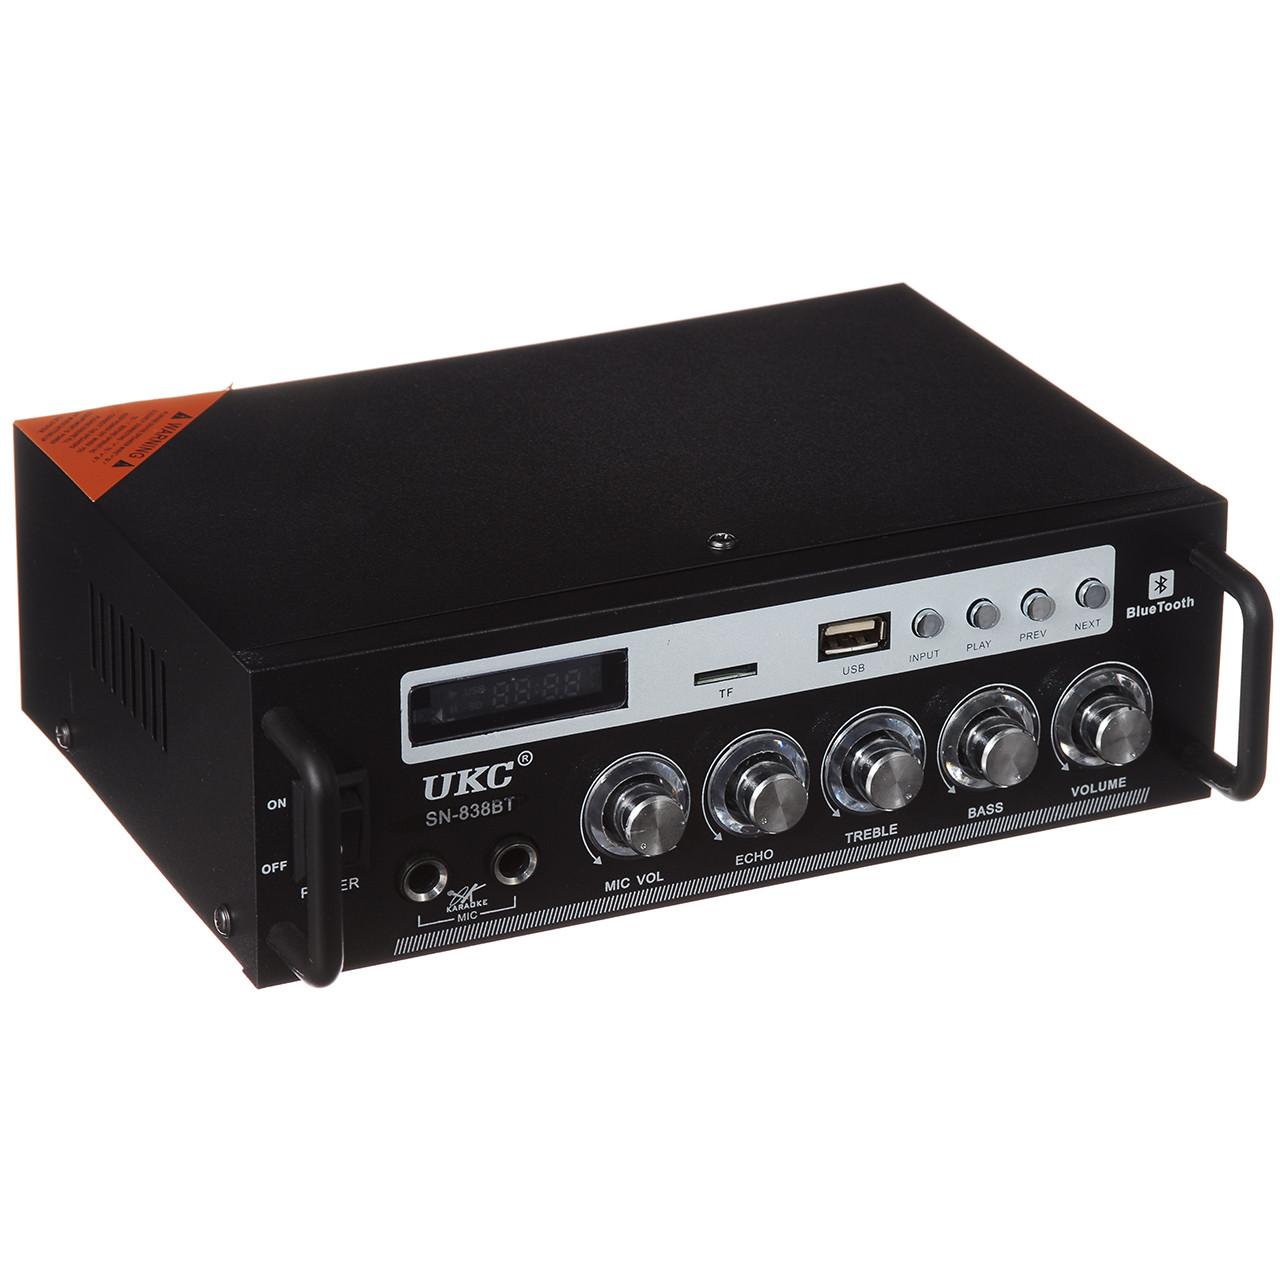 Усилитель звука UKC (SN-838 Bт)